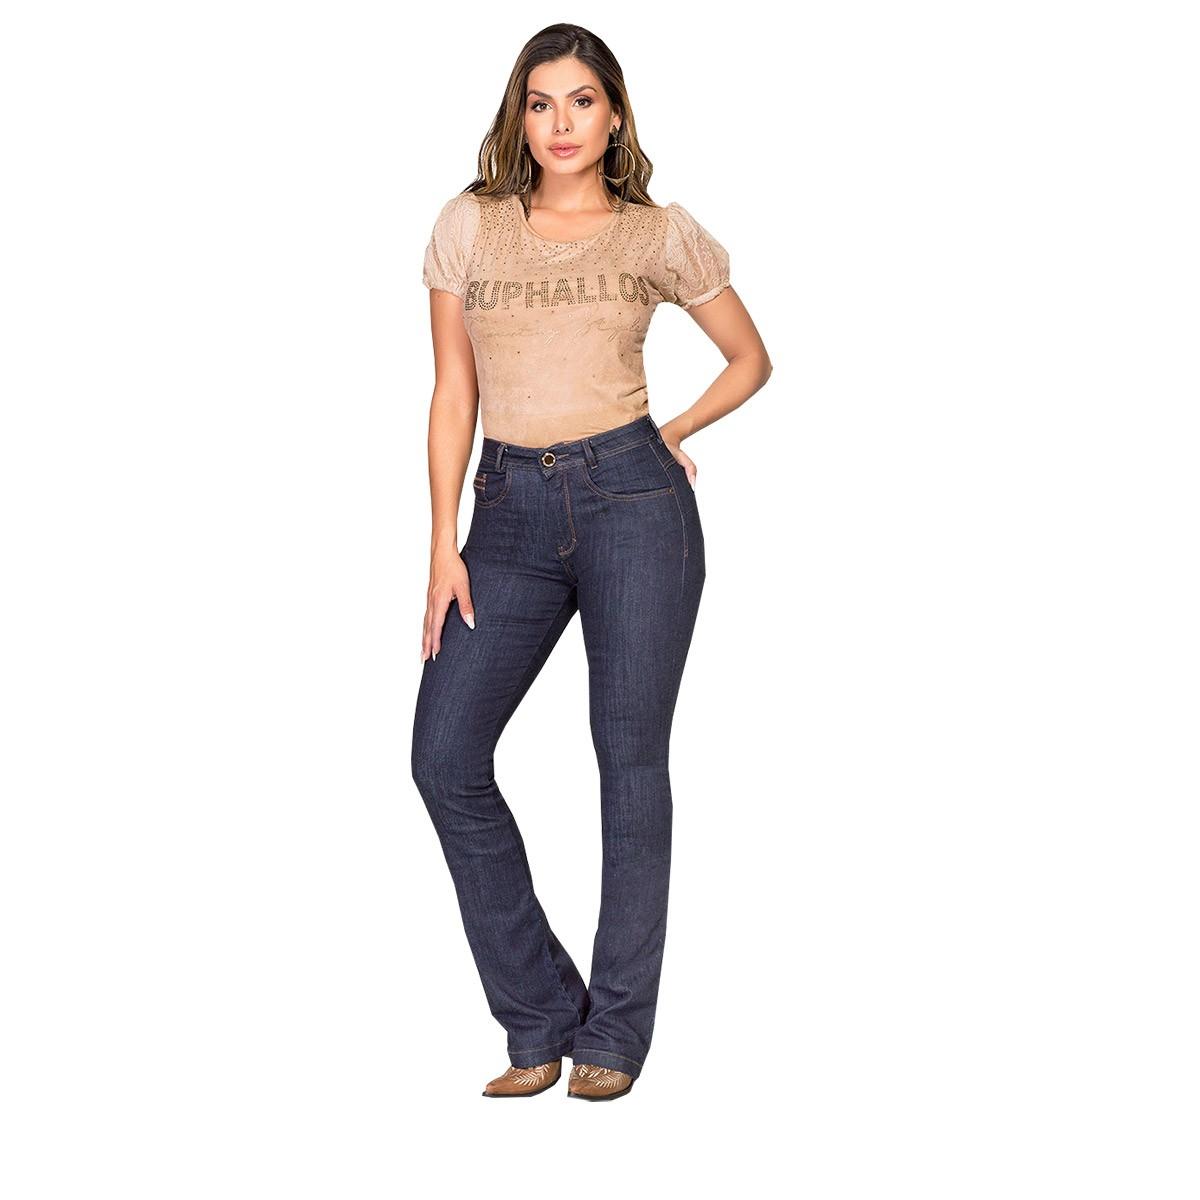 Calça Buphallos Jeans Flare Amaciada Com Bordado No Bolso